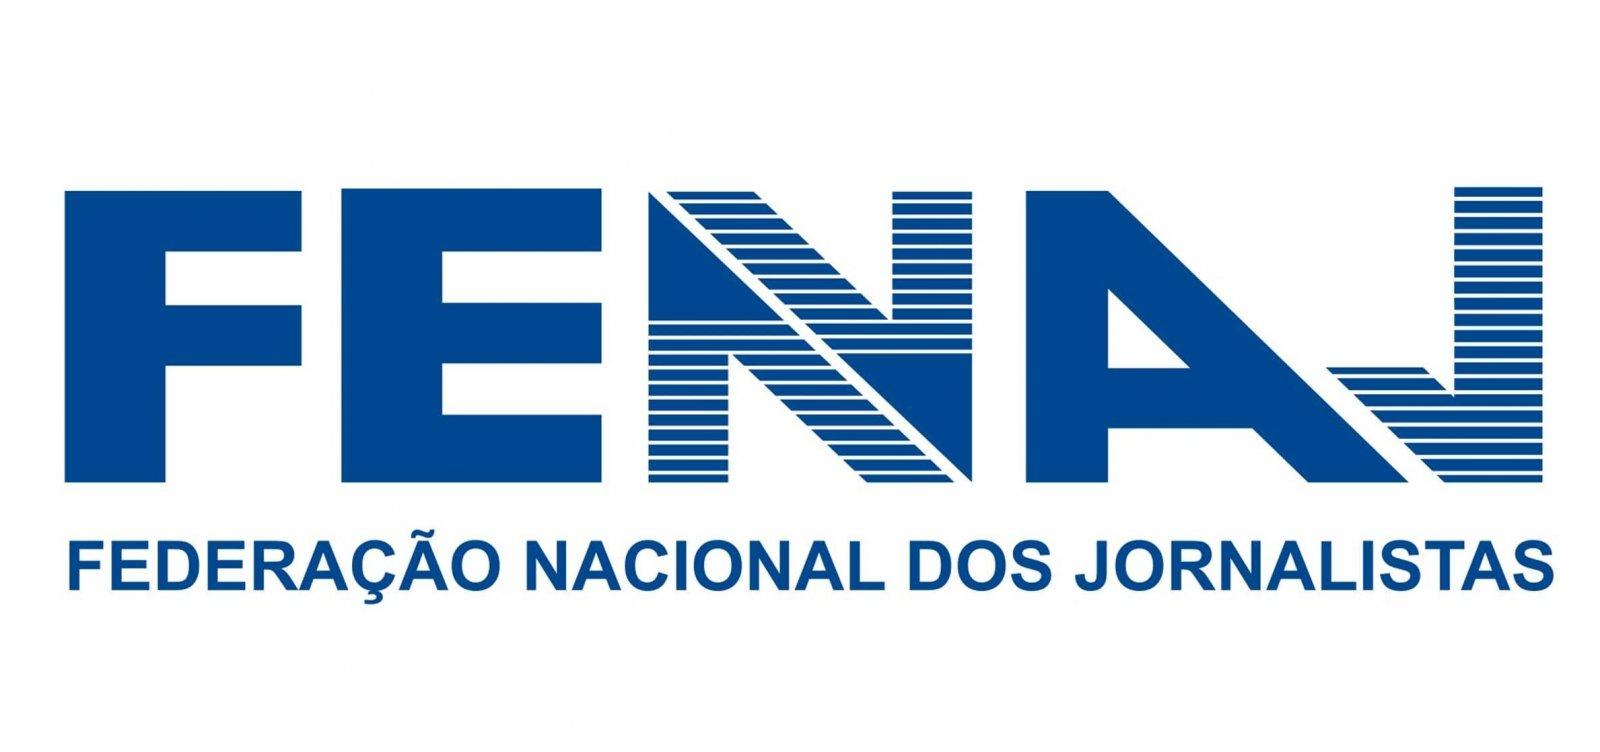 Federação Nacional dos Jornalistas diz que causa 'preocupação' governo de Bolsonaro